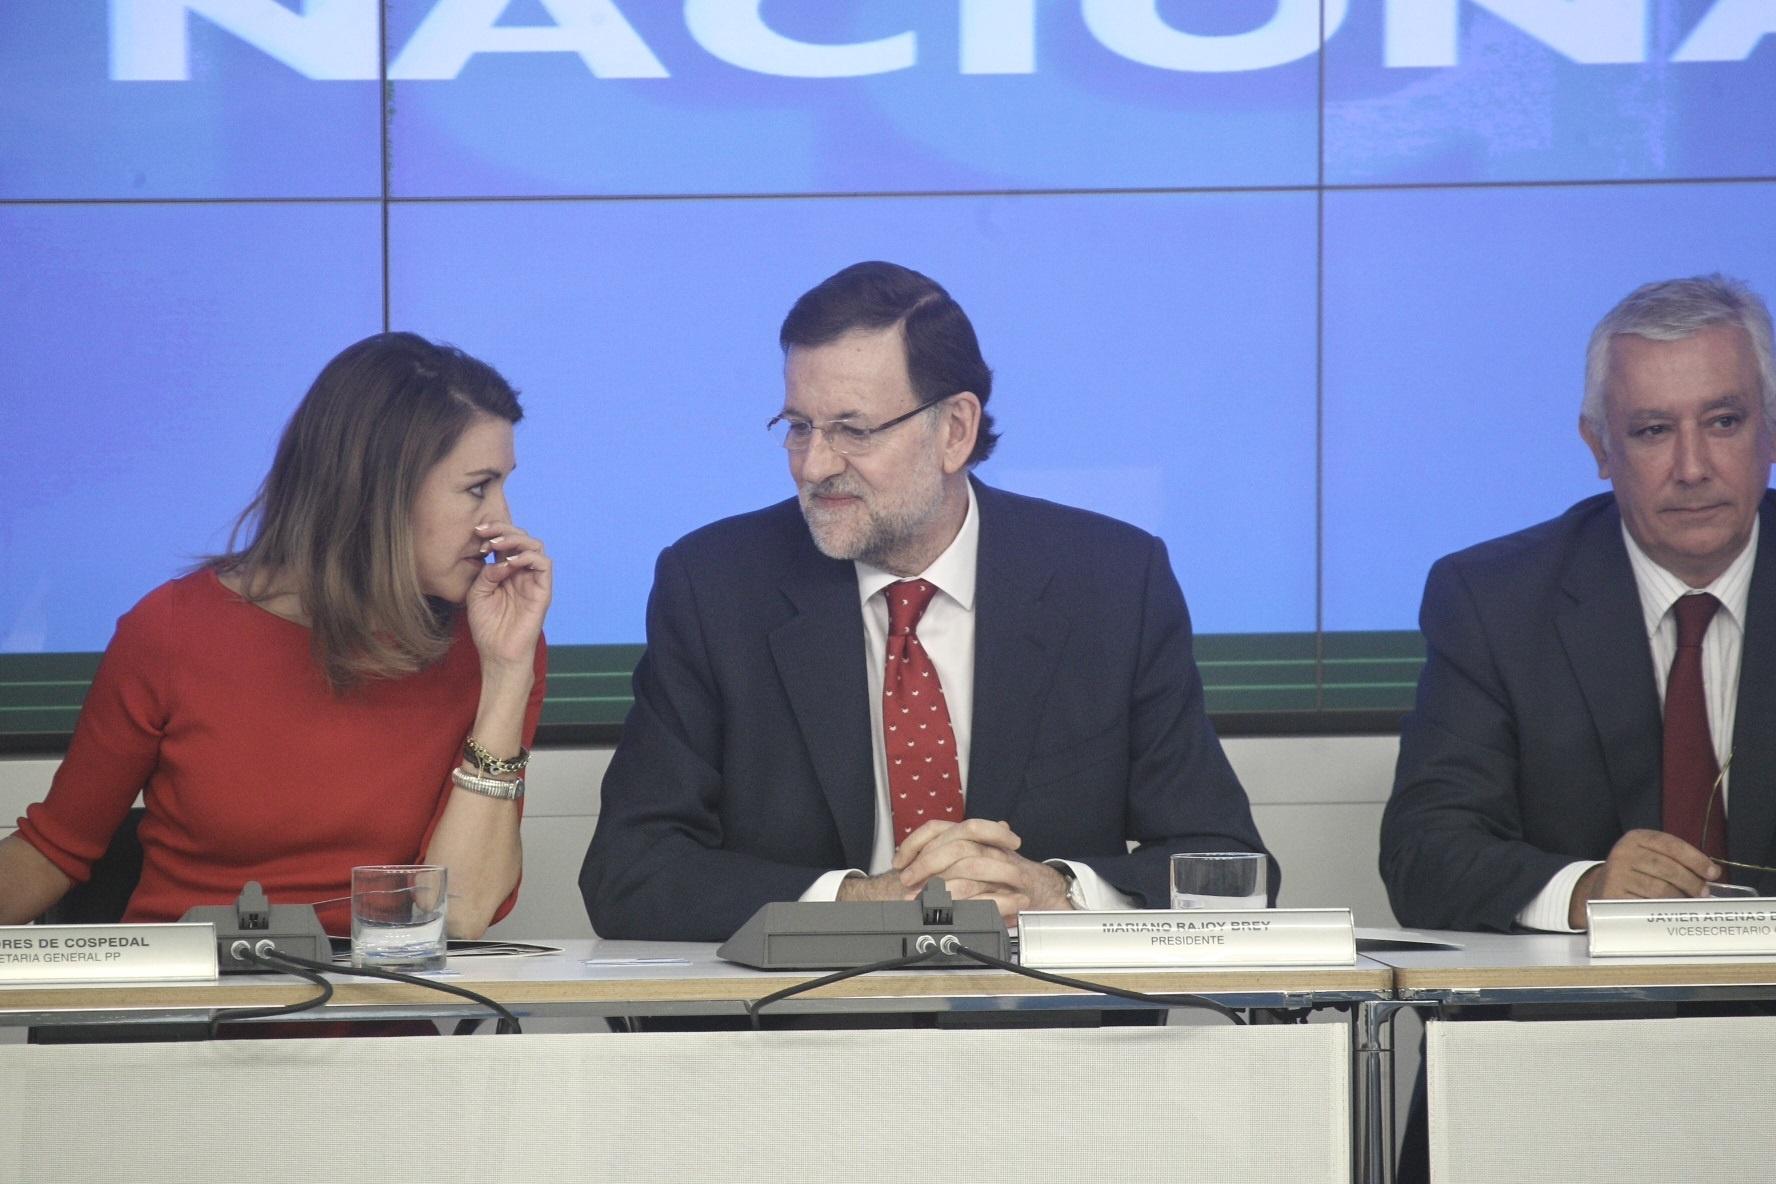 Rajoy no menciona a Bárcenas y se limita a decir que el PP colaborará con la Justicia